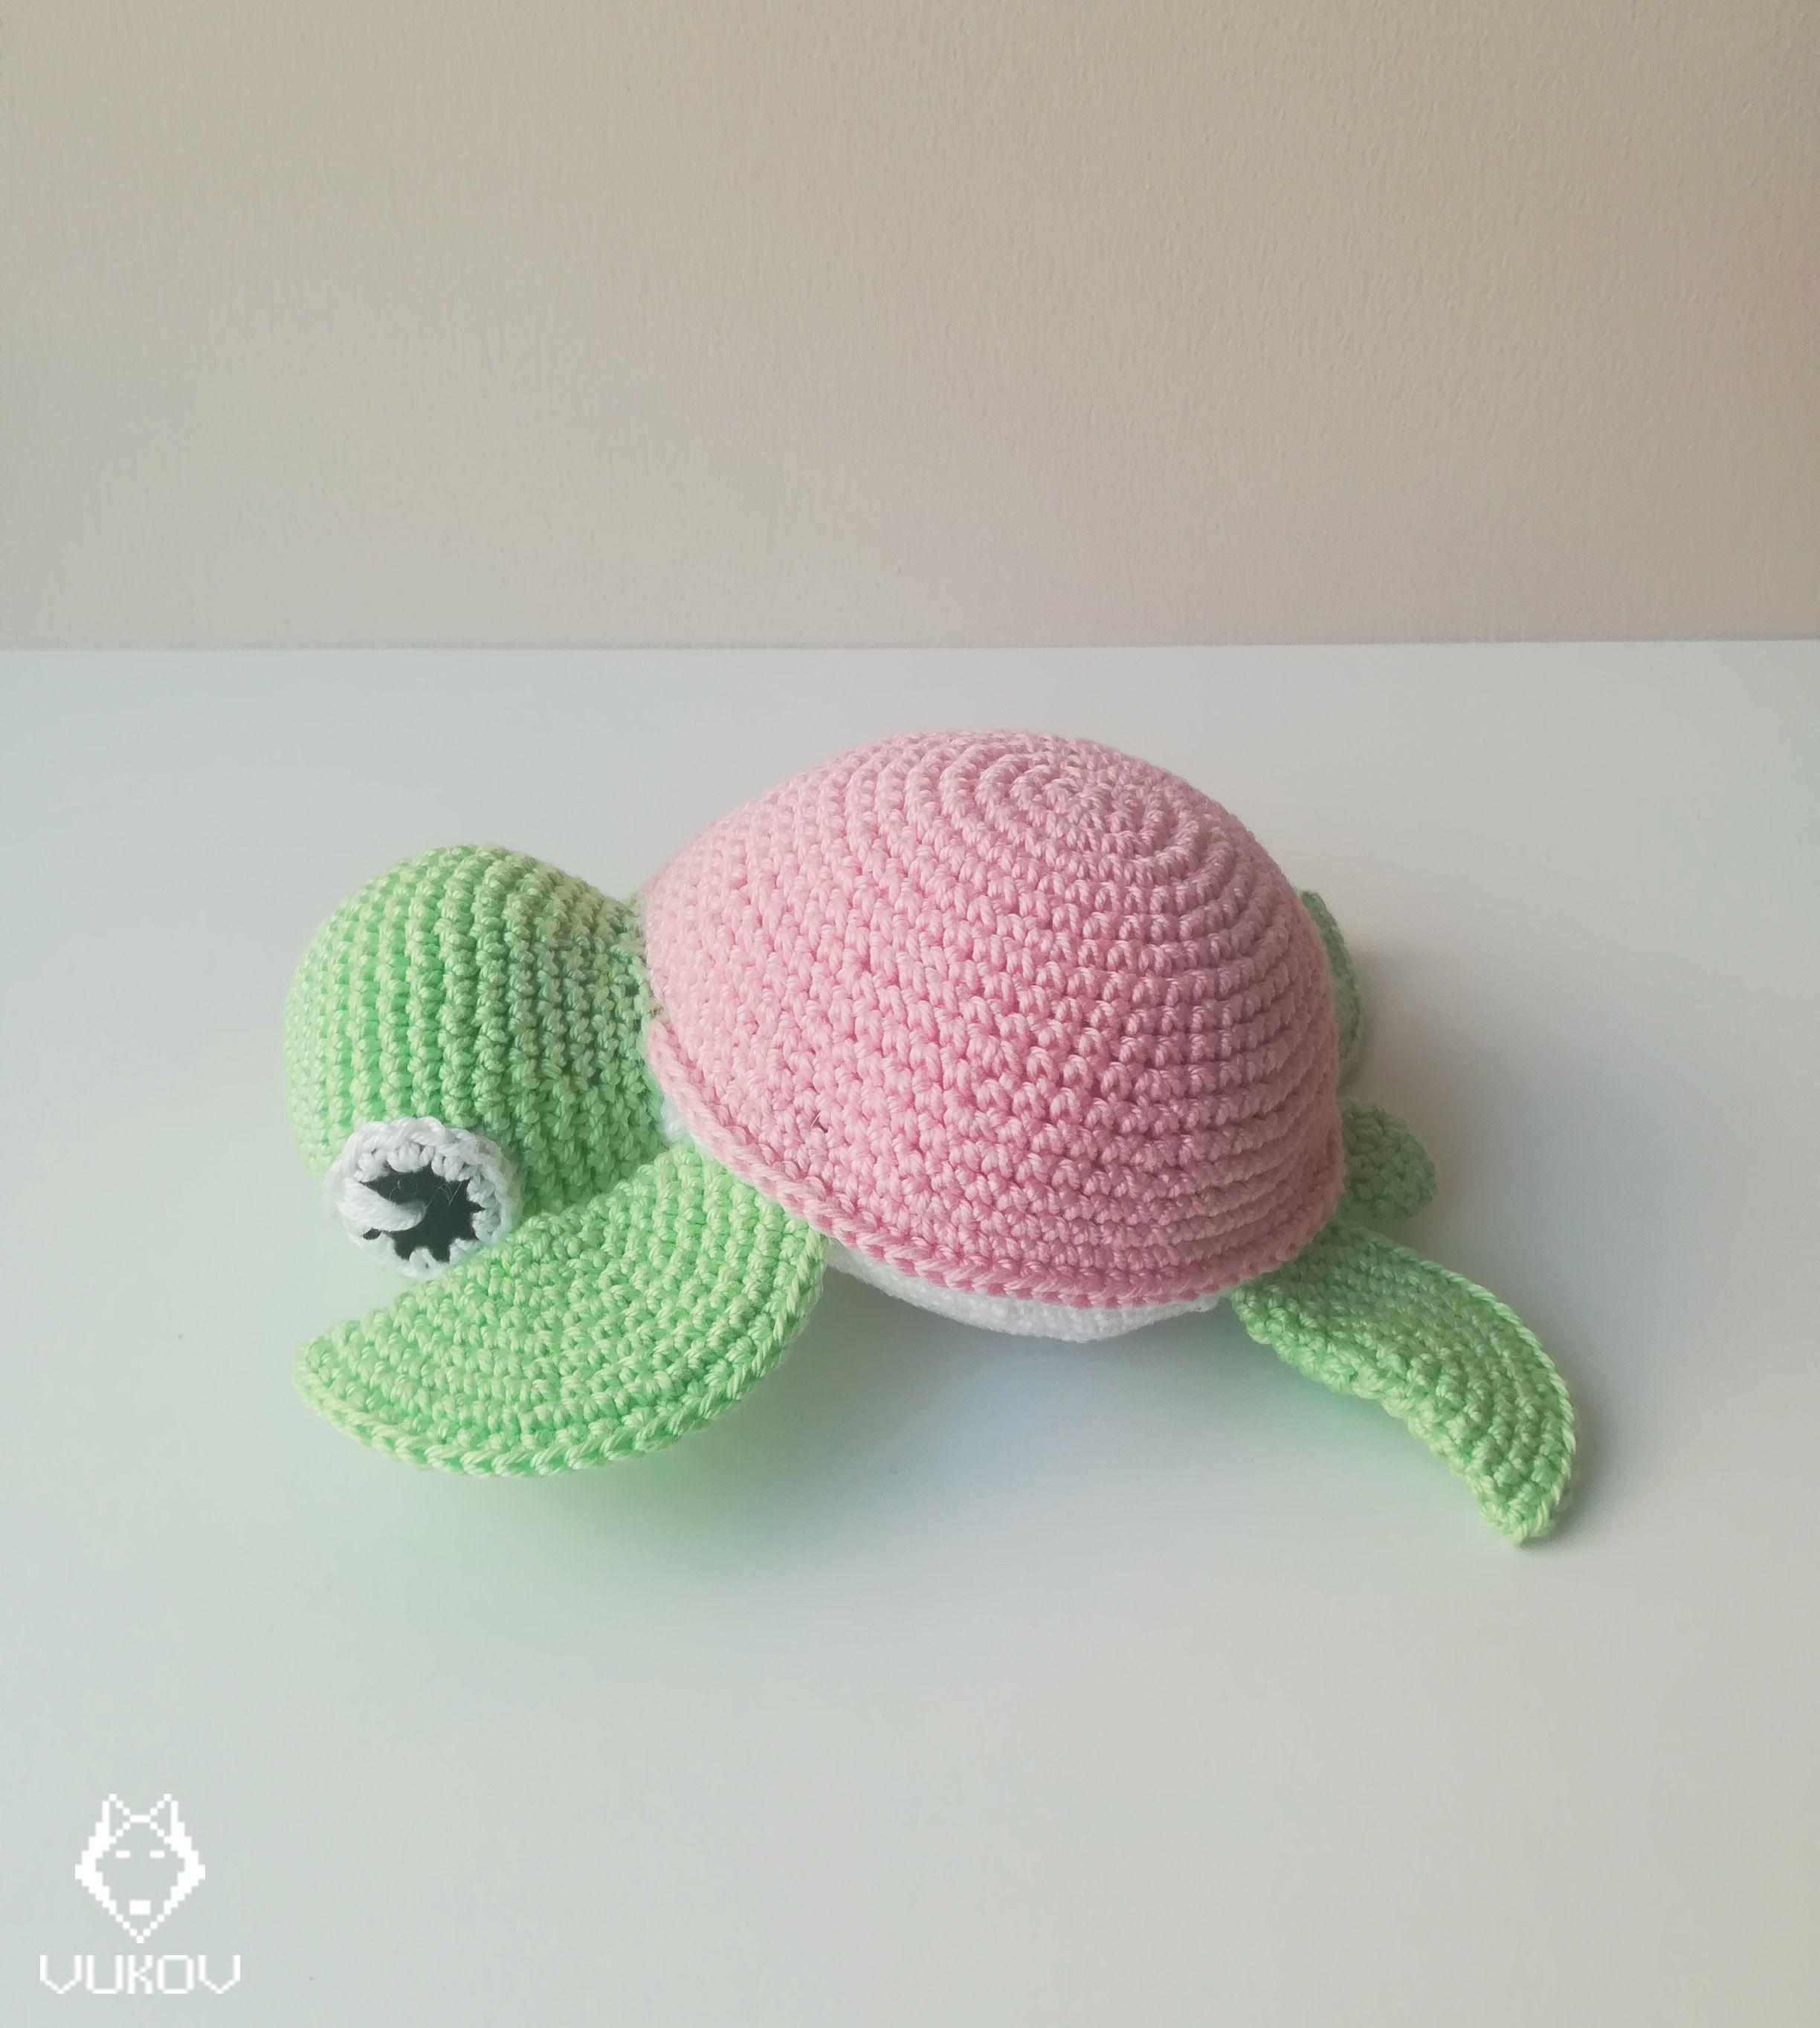 Crochet turtle, amigurumi turtle, sea turtle, stuffed toy, nursery decor, babysh…